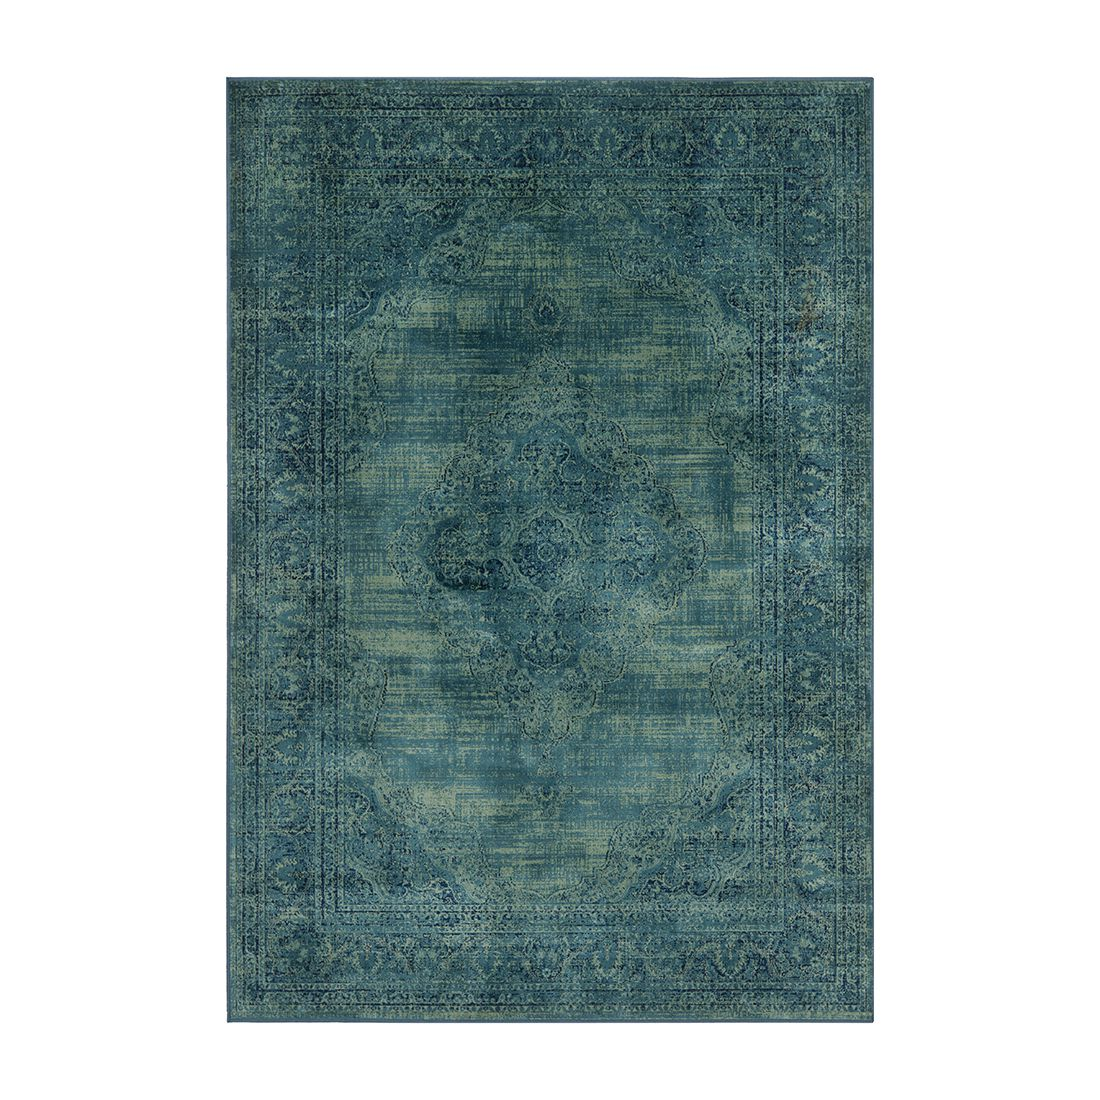 Teppich Olivia – Vintagelook Türkis – 201 x 290 cm, Safavieh günstig kaufen